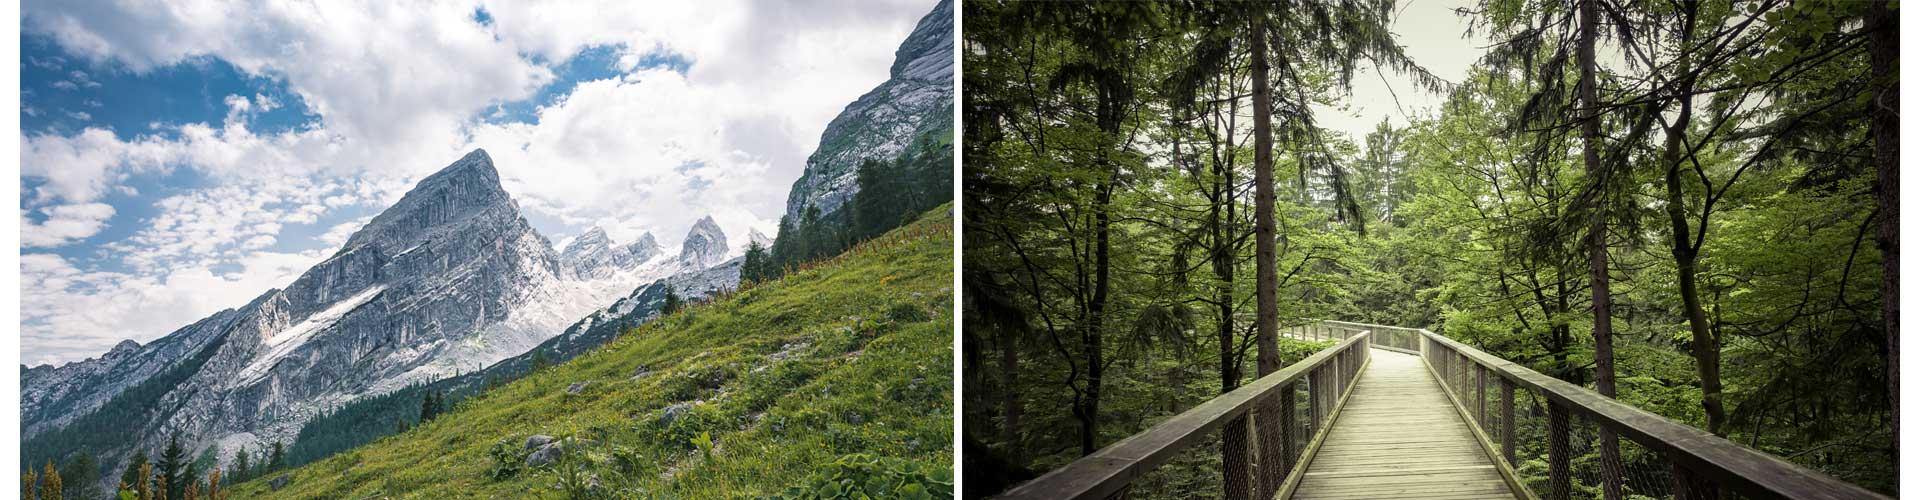 Doppelbild reisetagebuch deutschland selberschreiben watzmann alpen wald schwarzwald